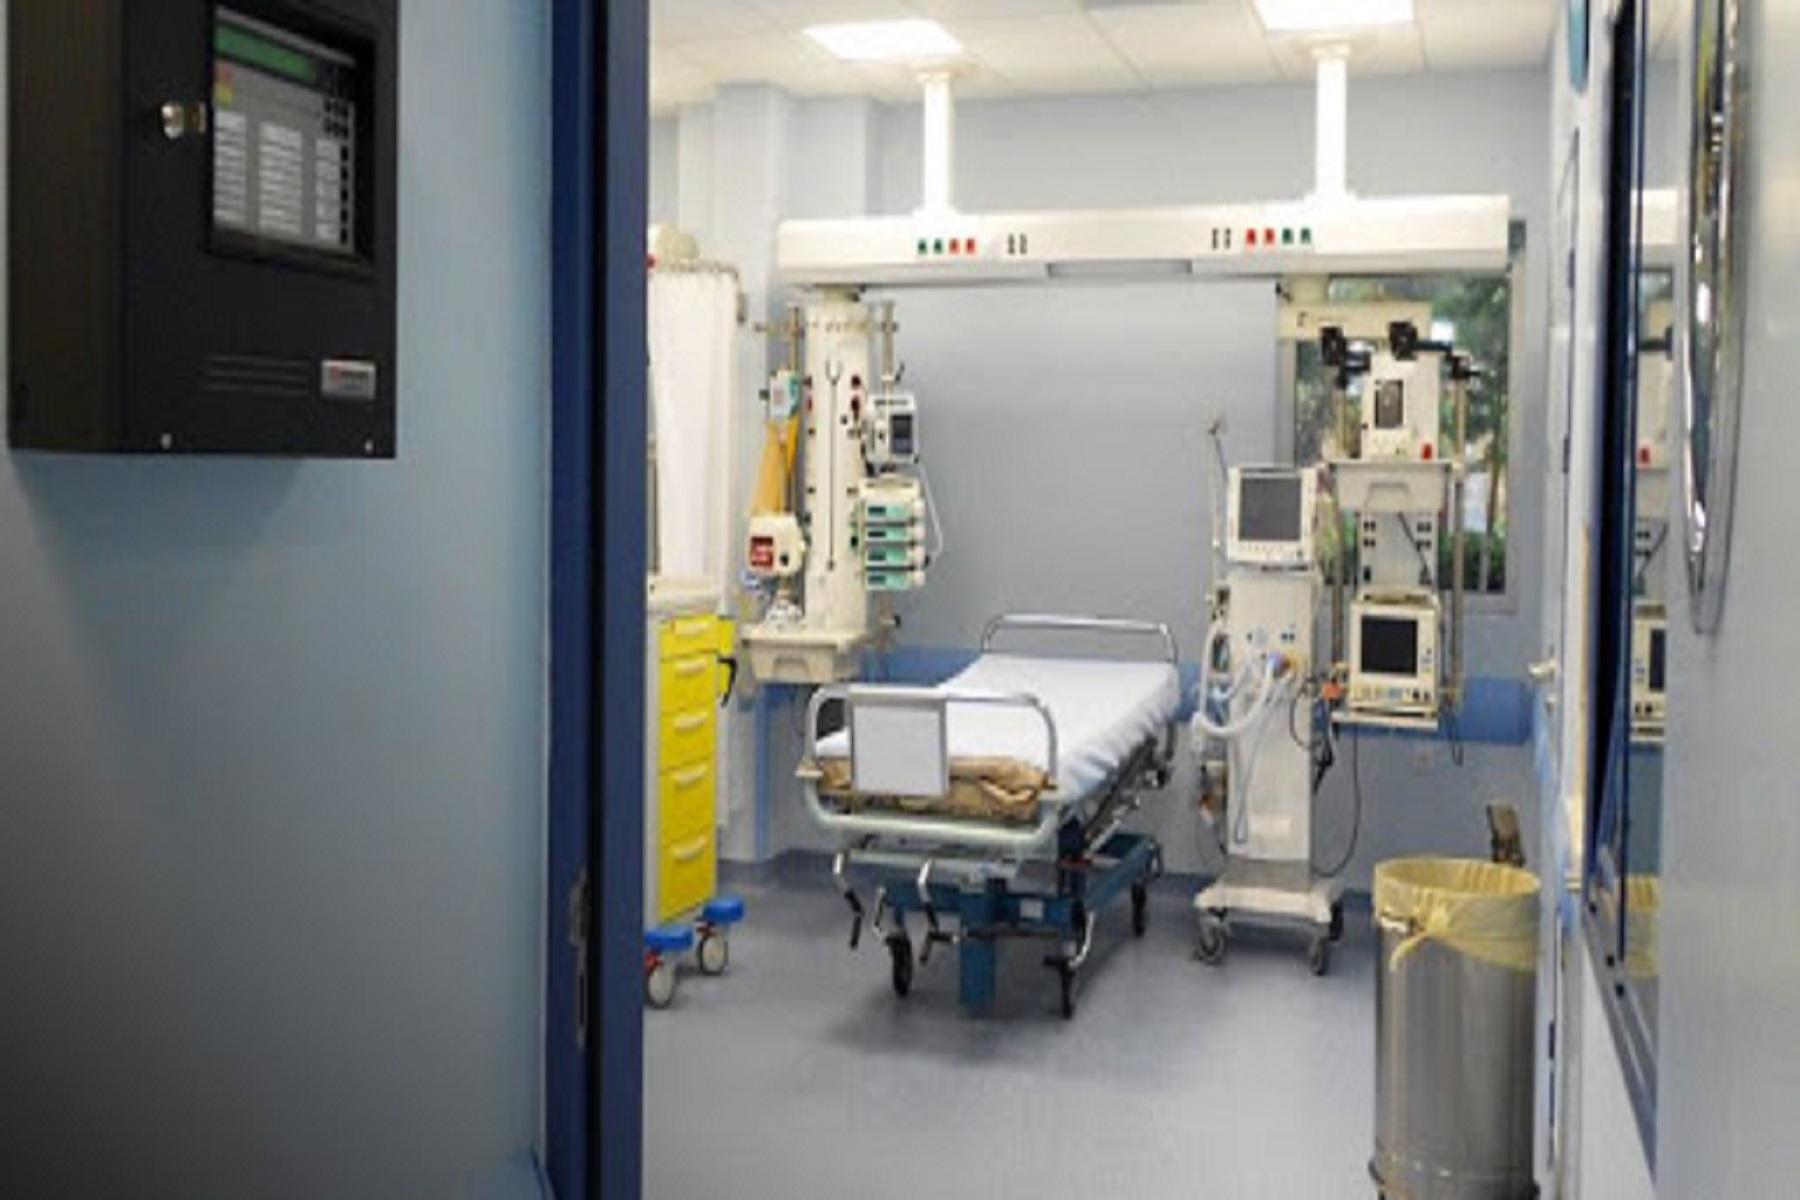 Υπ. Υγείας Ιδ. Κλινικές: Τελεσίγραφο για 200 κλίνες ή για επίταξη